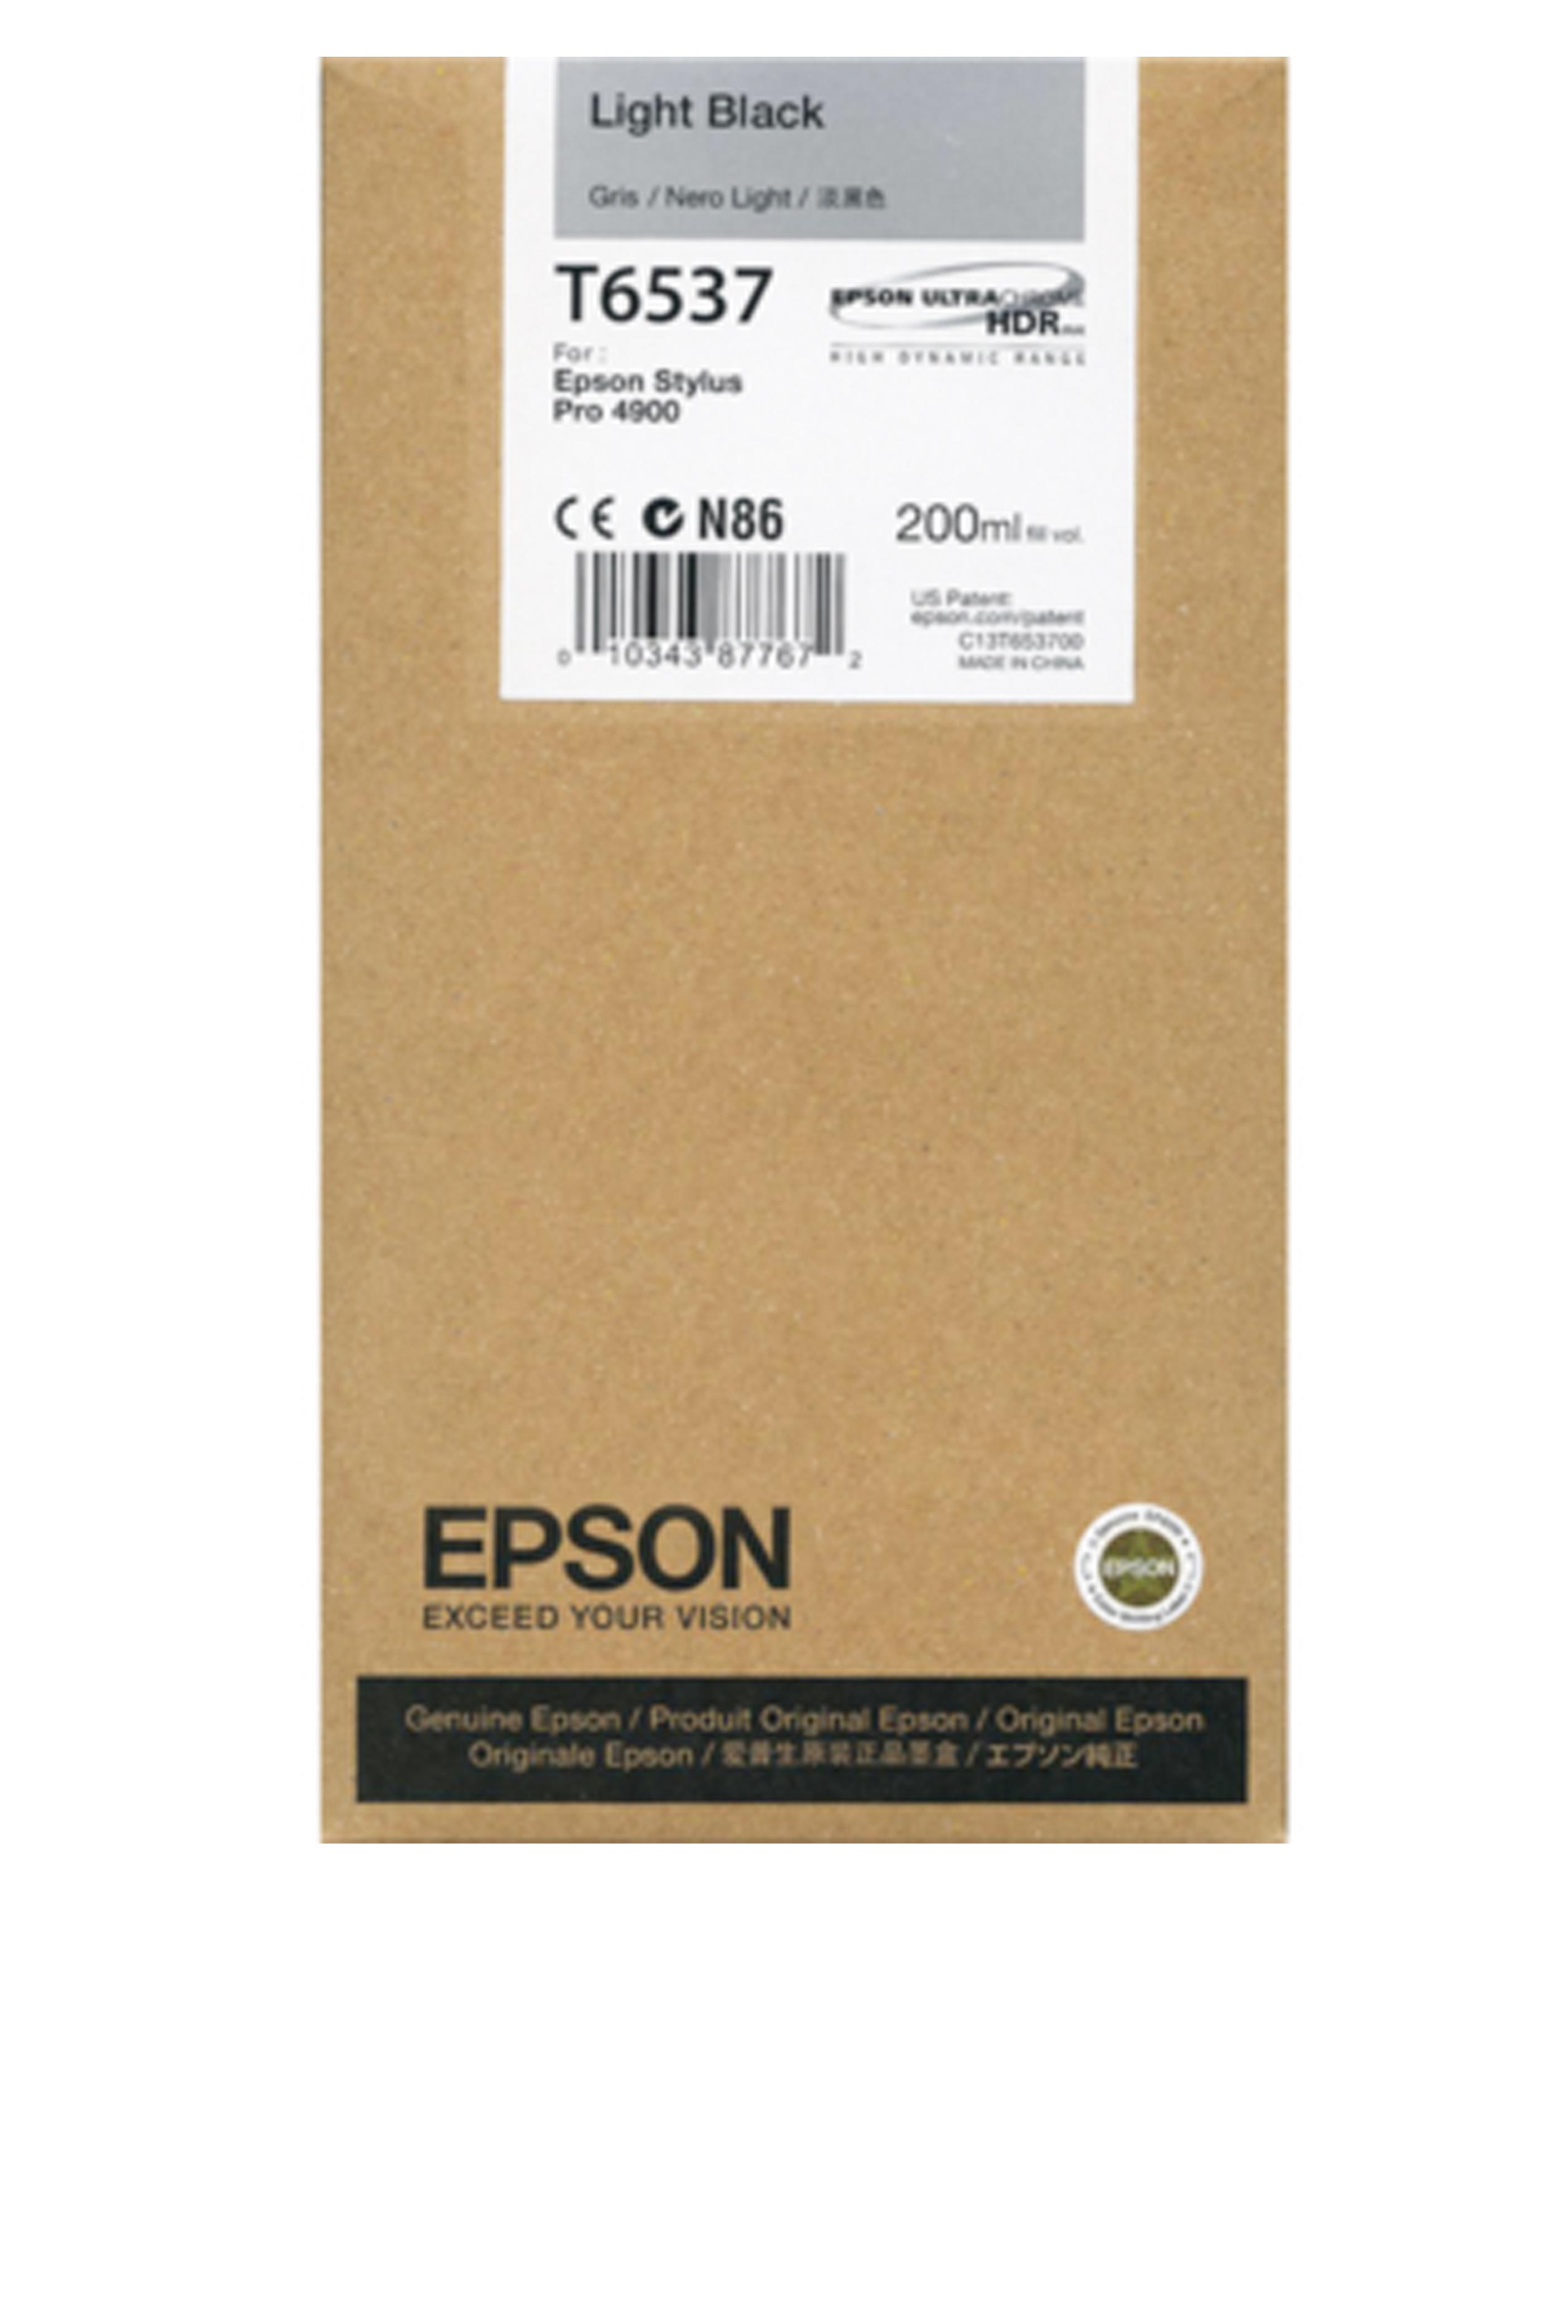 Epson EPSON SD LIGHT BLACK INK (200 ML) (T653700)